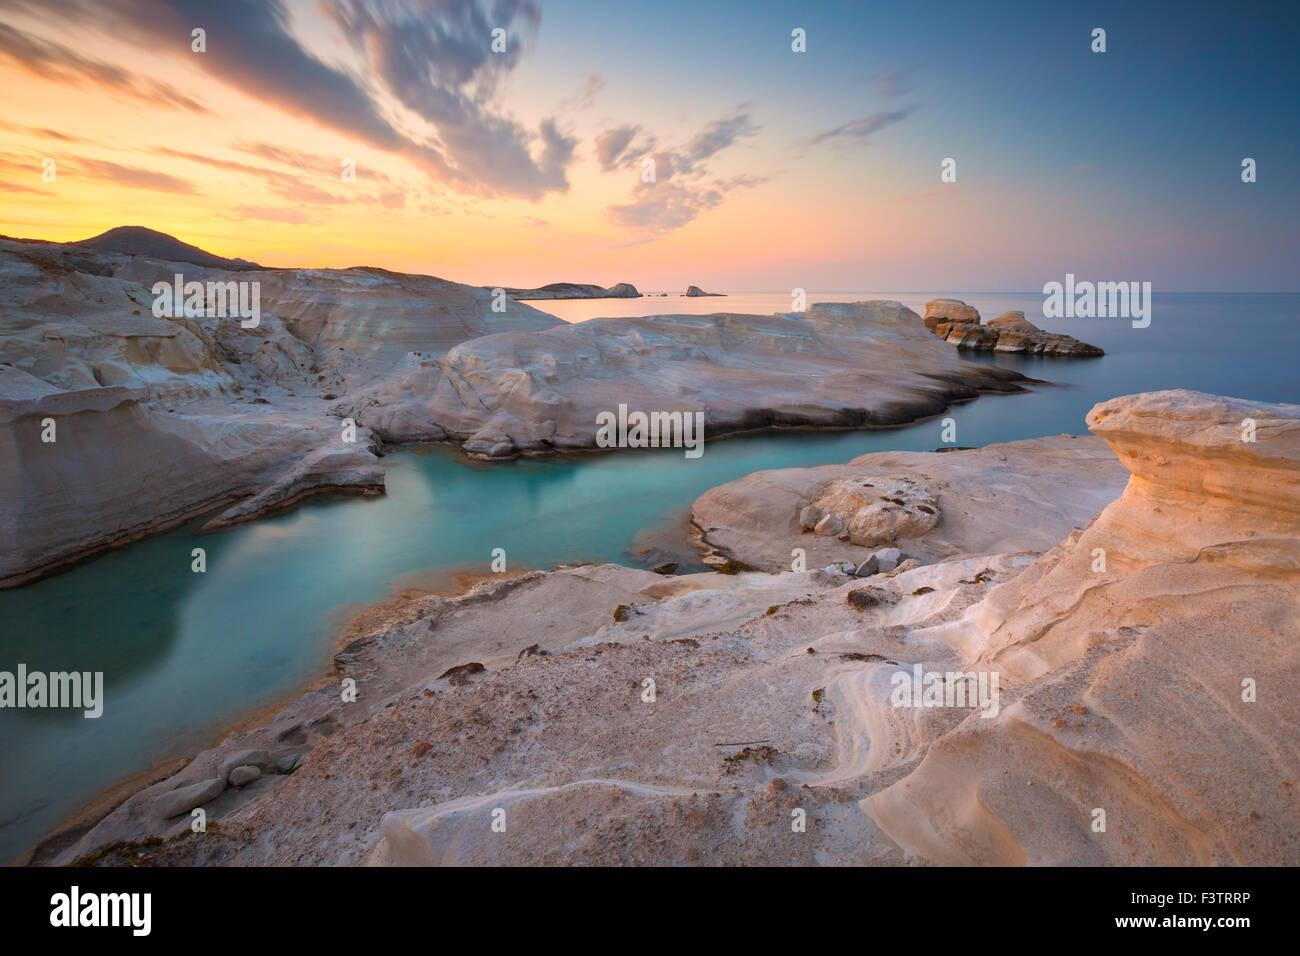 Sarakiniko beach on Milos island in sunset - Stock Image